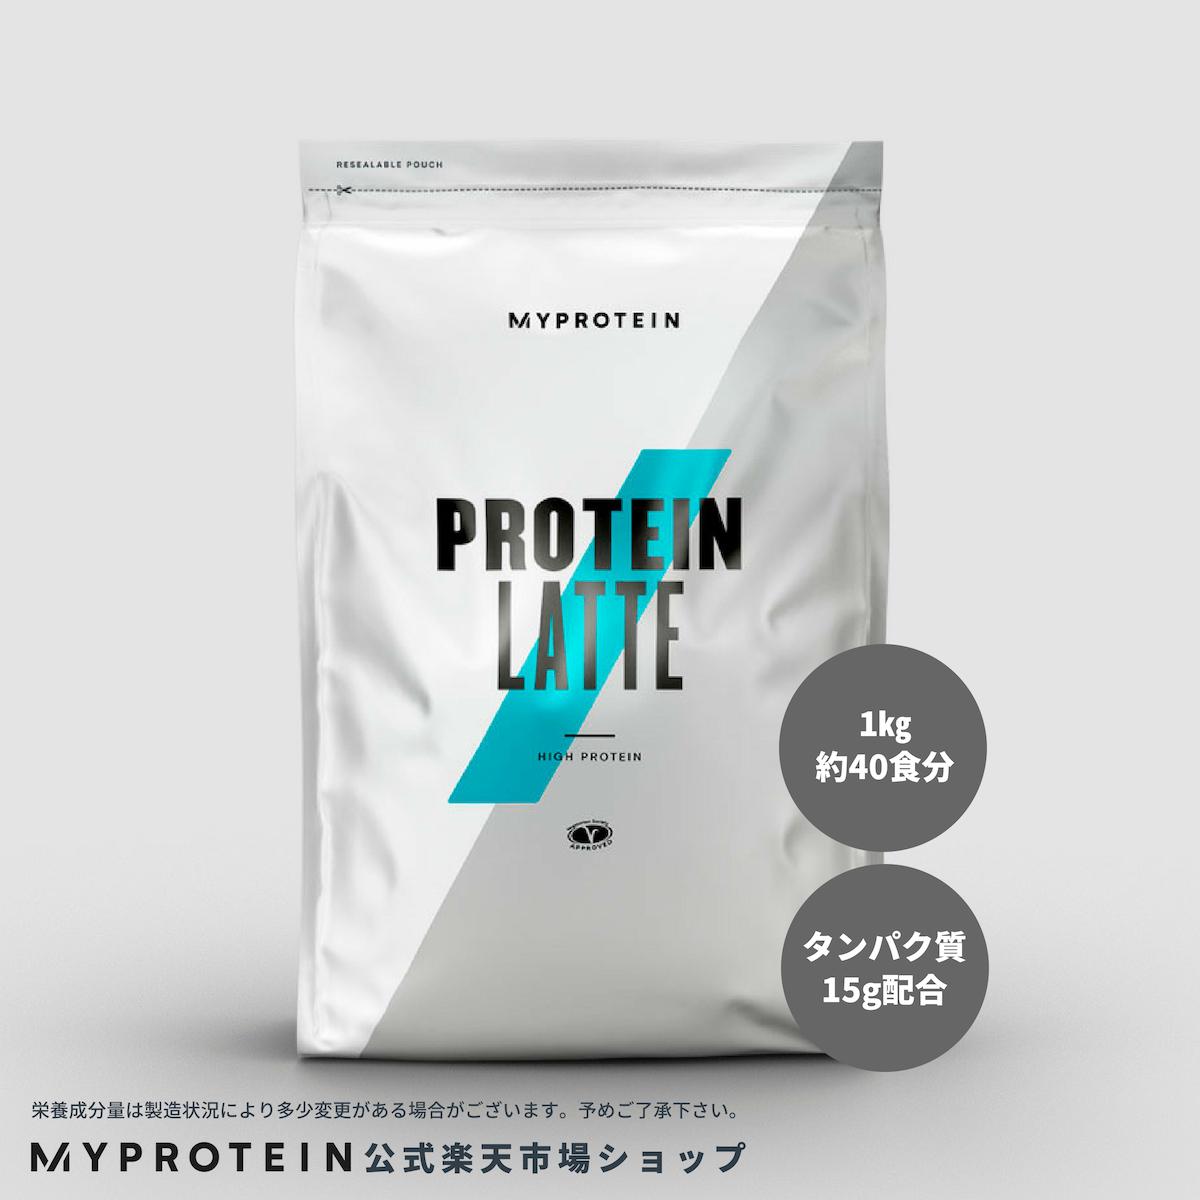 マイプロテイン 公式 【MyProtein】 プロテイン ラテ 1kg 40食分| プロテインドリンク カフェ カフェラテ 低脂肪 高たんぱく